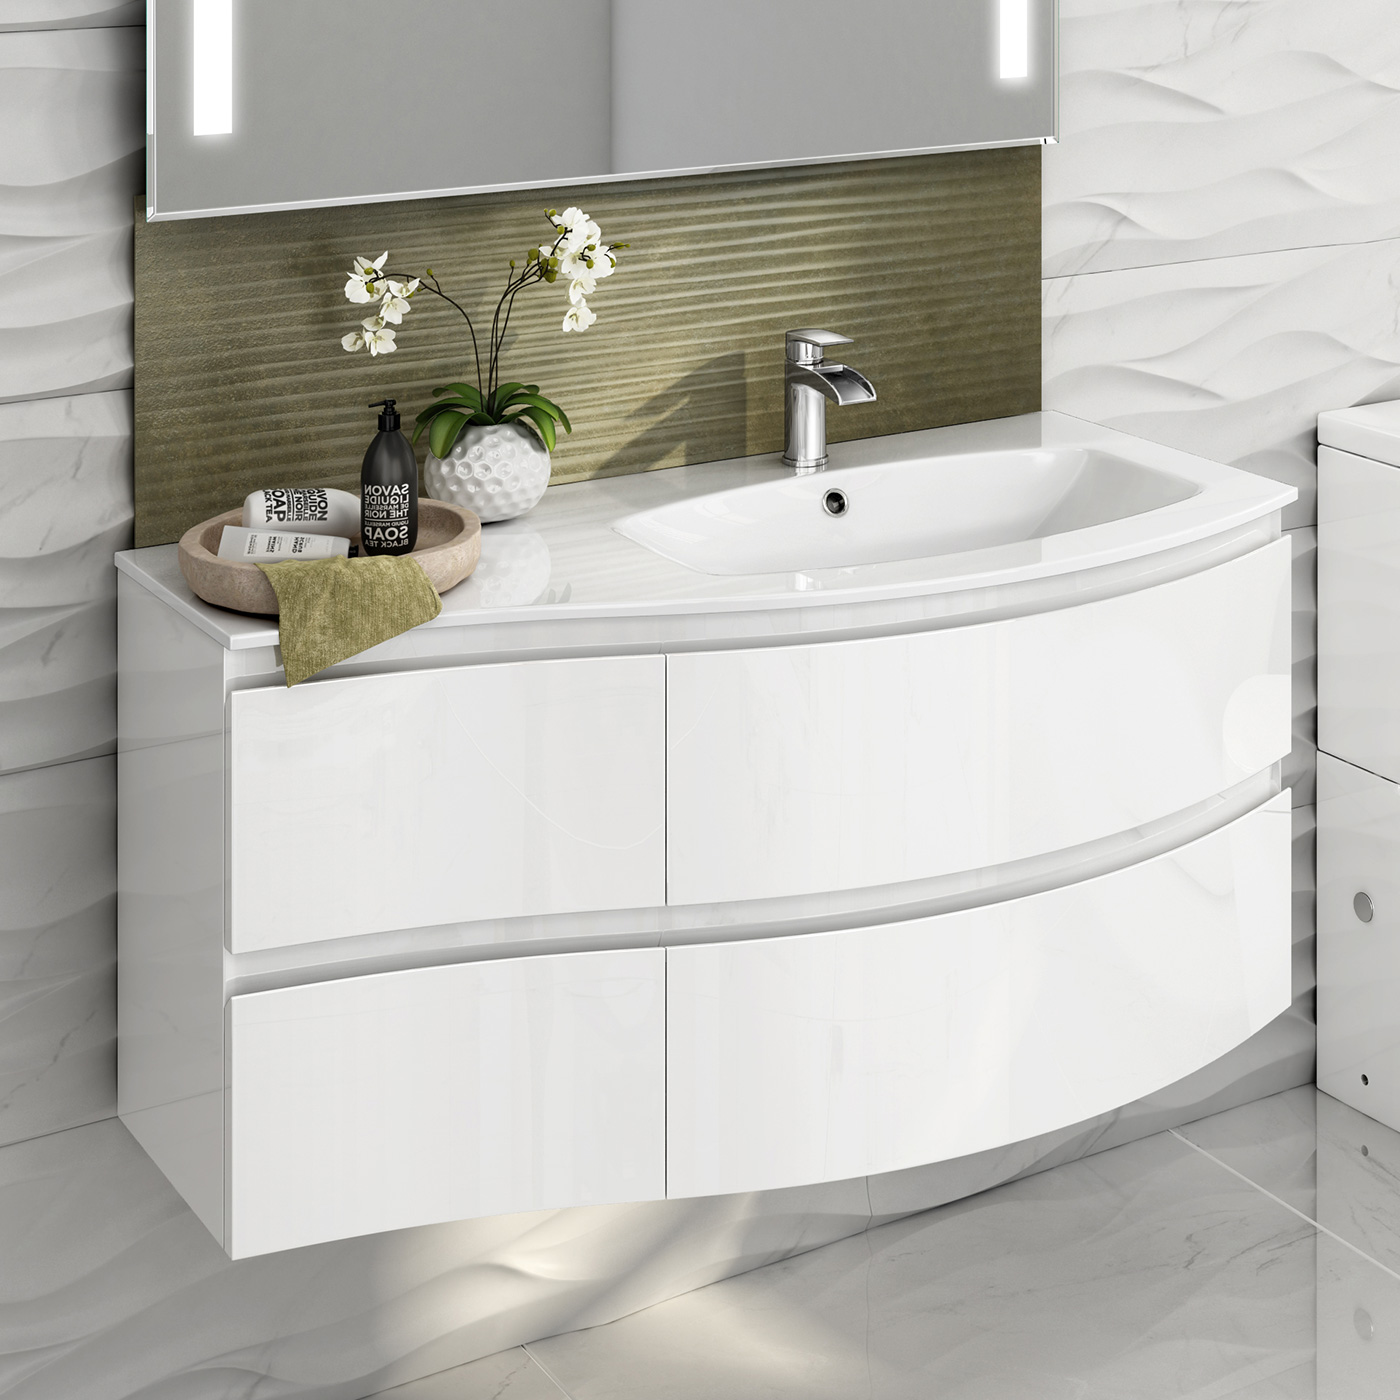 Bathroom vanity unit | Soak.com